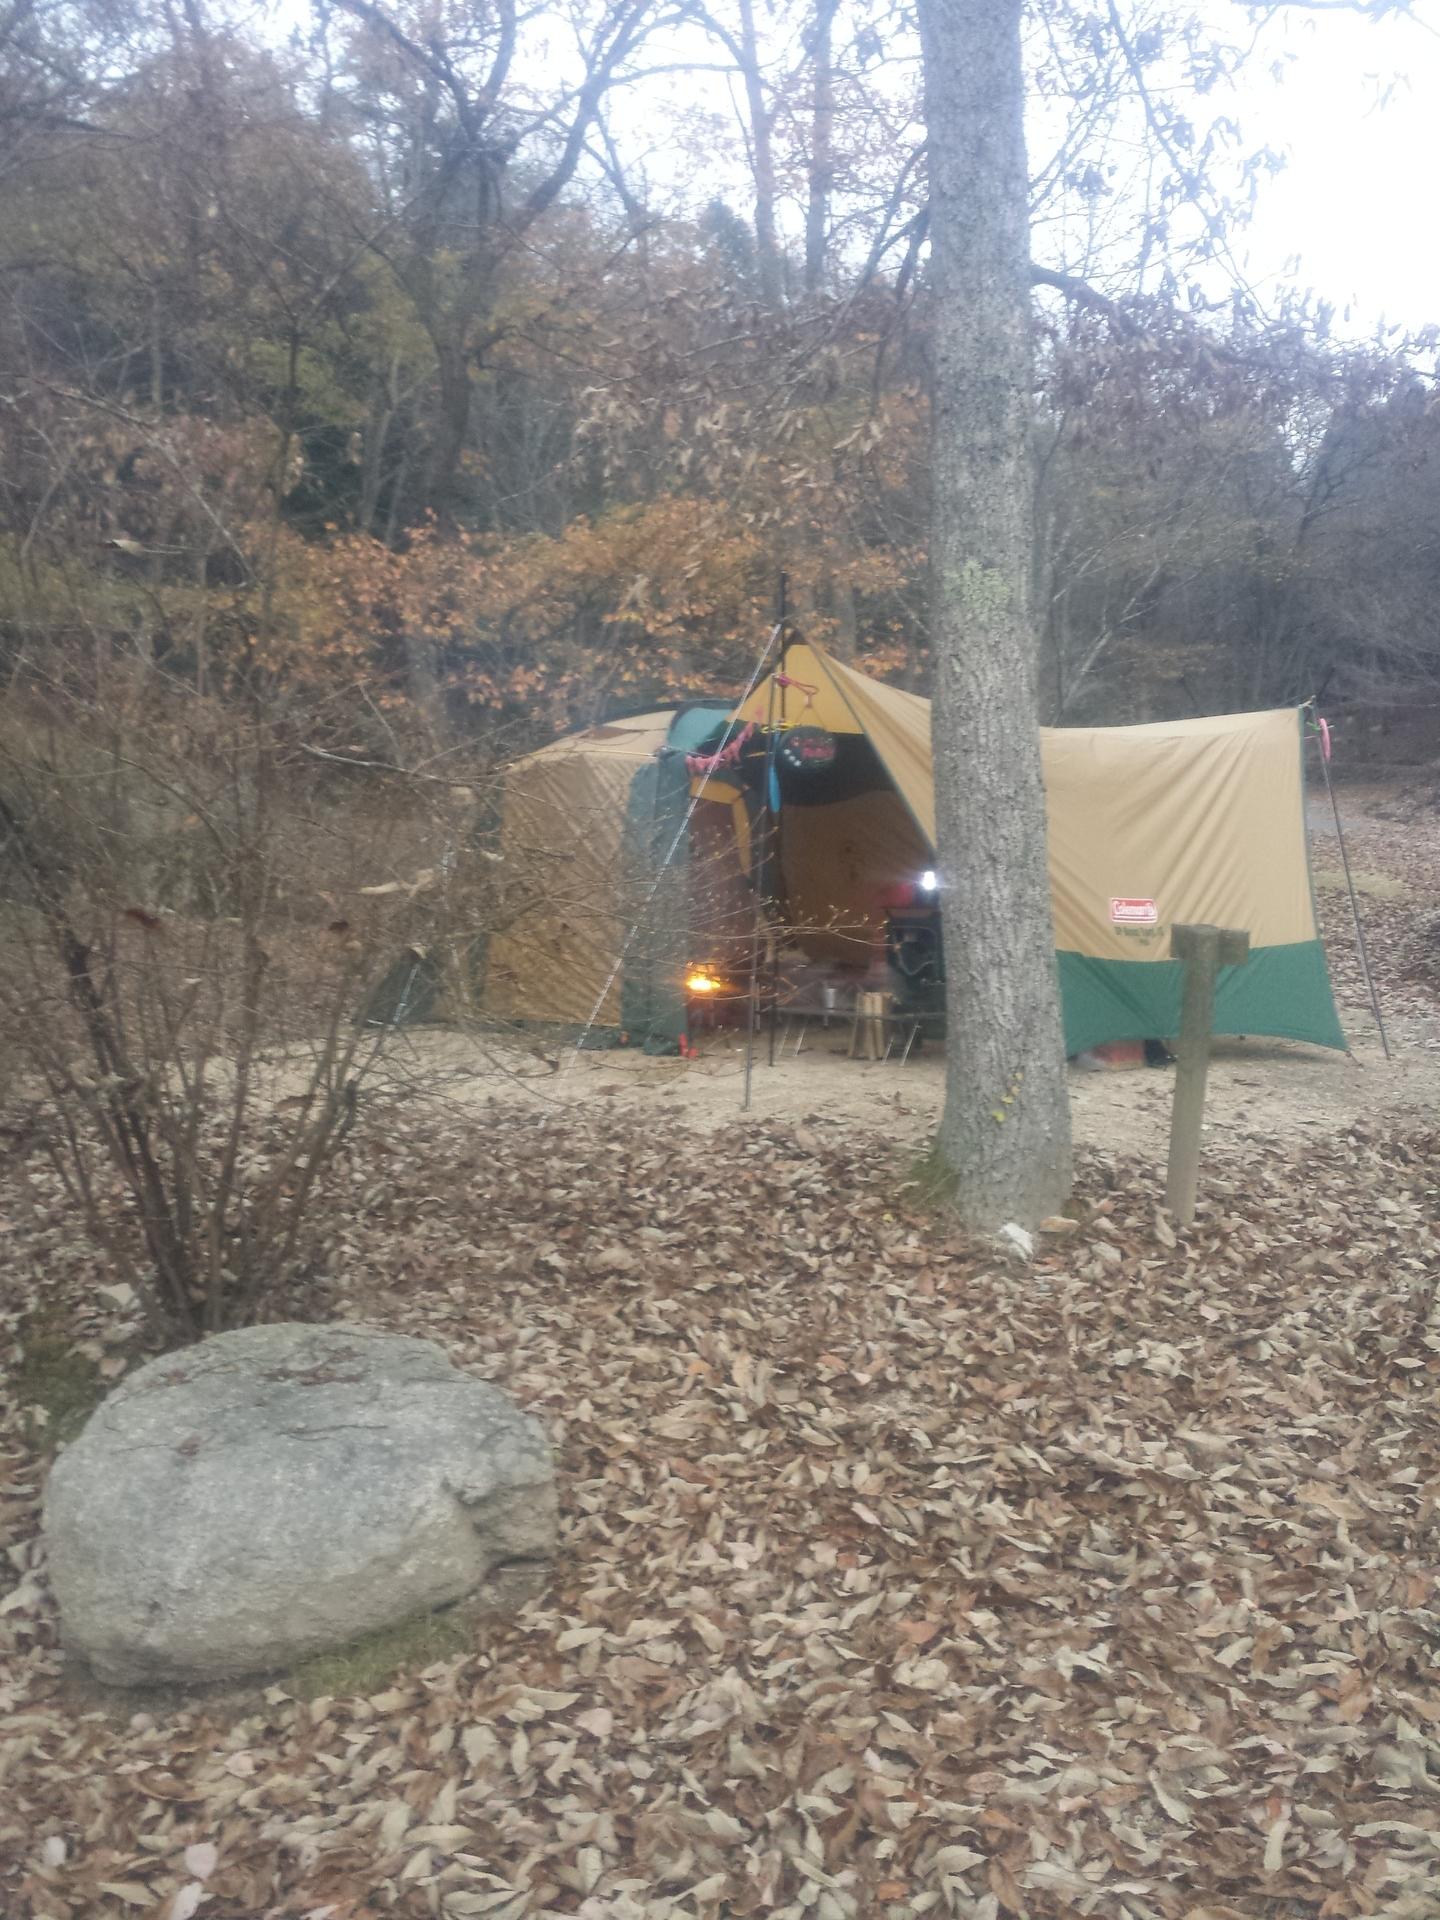 里 四季 の キャンプ 矢野 温泉 場 公園 四季の里